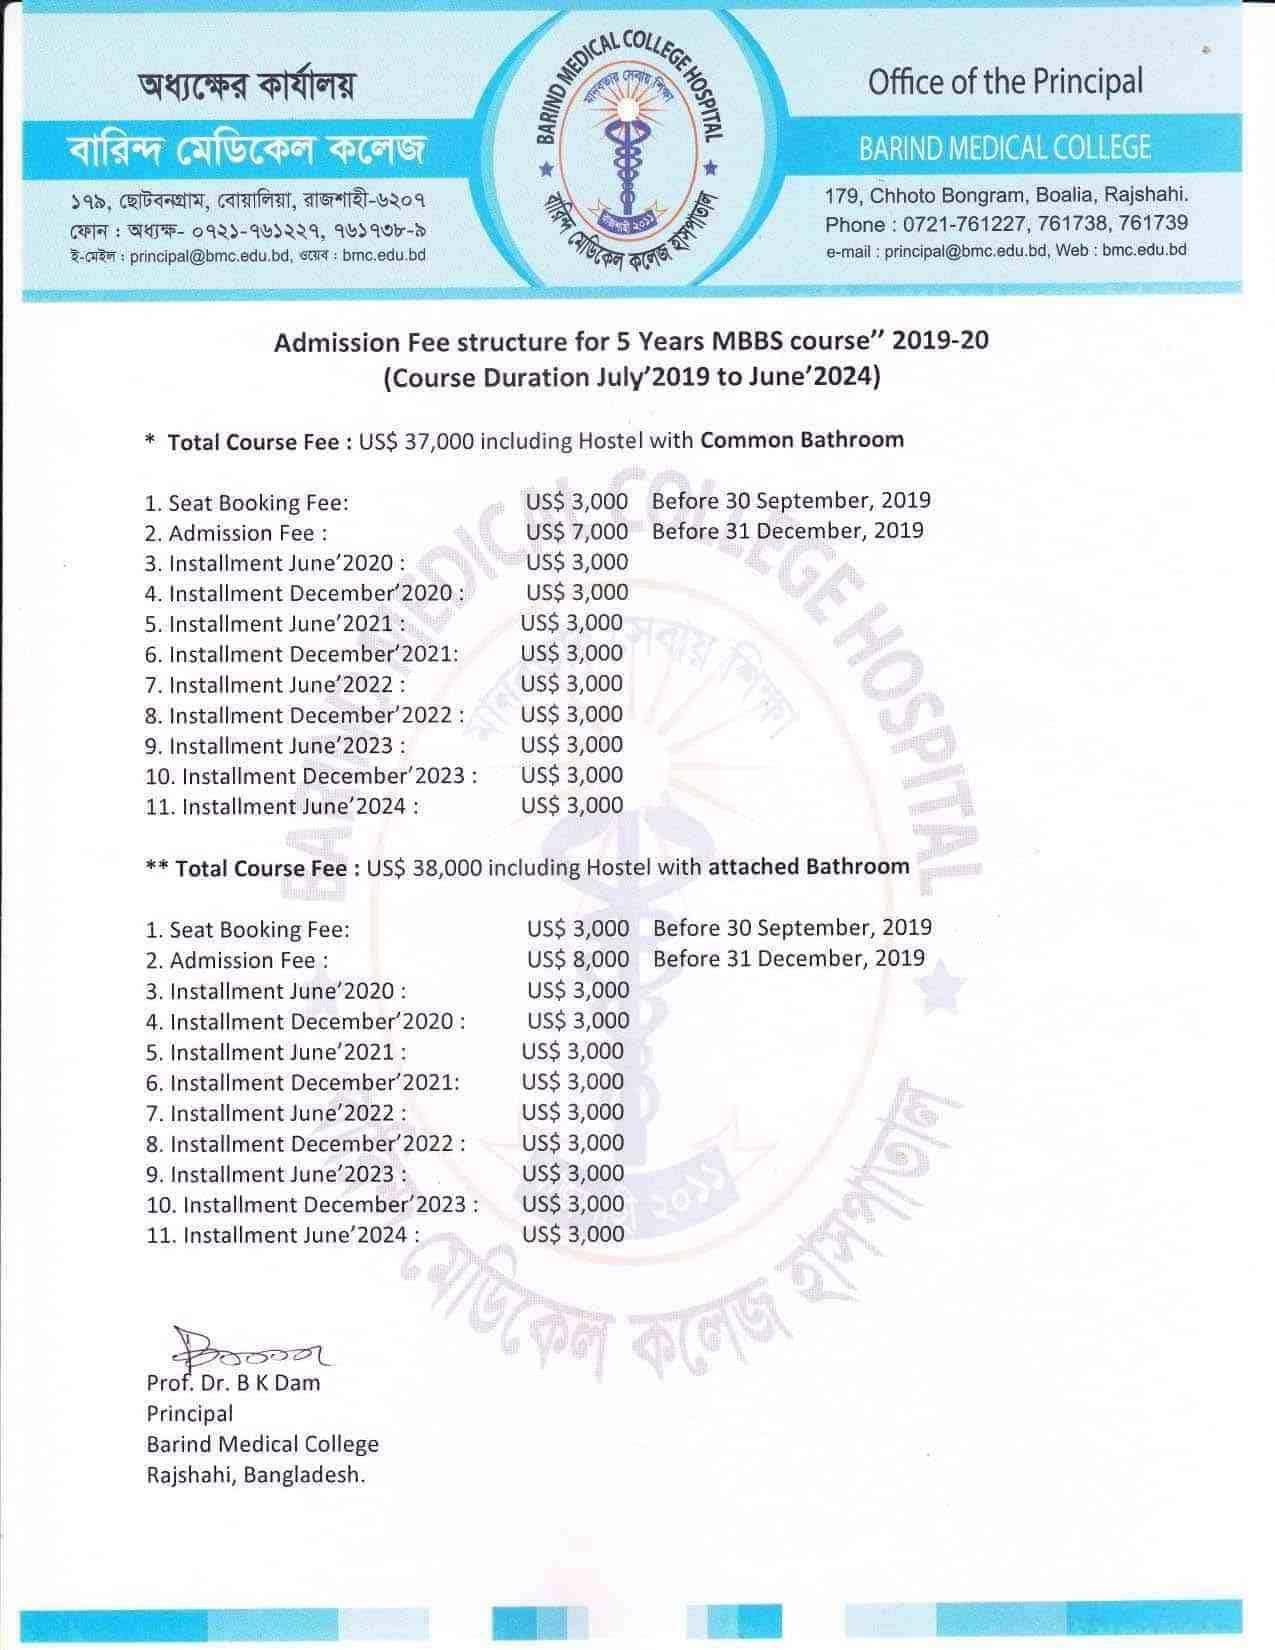 Barind Medical College Fees Details